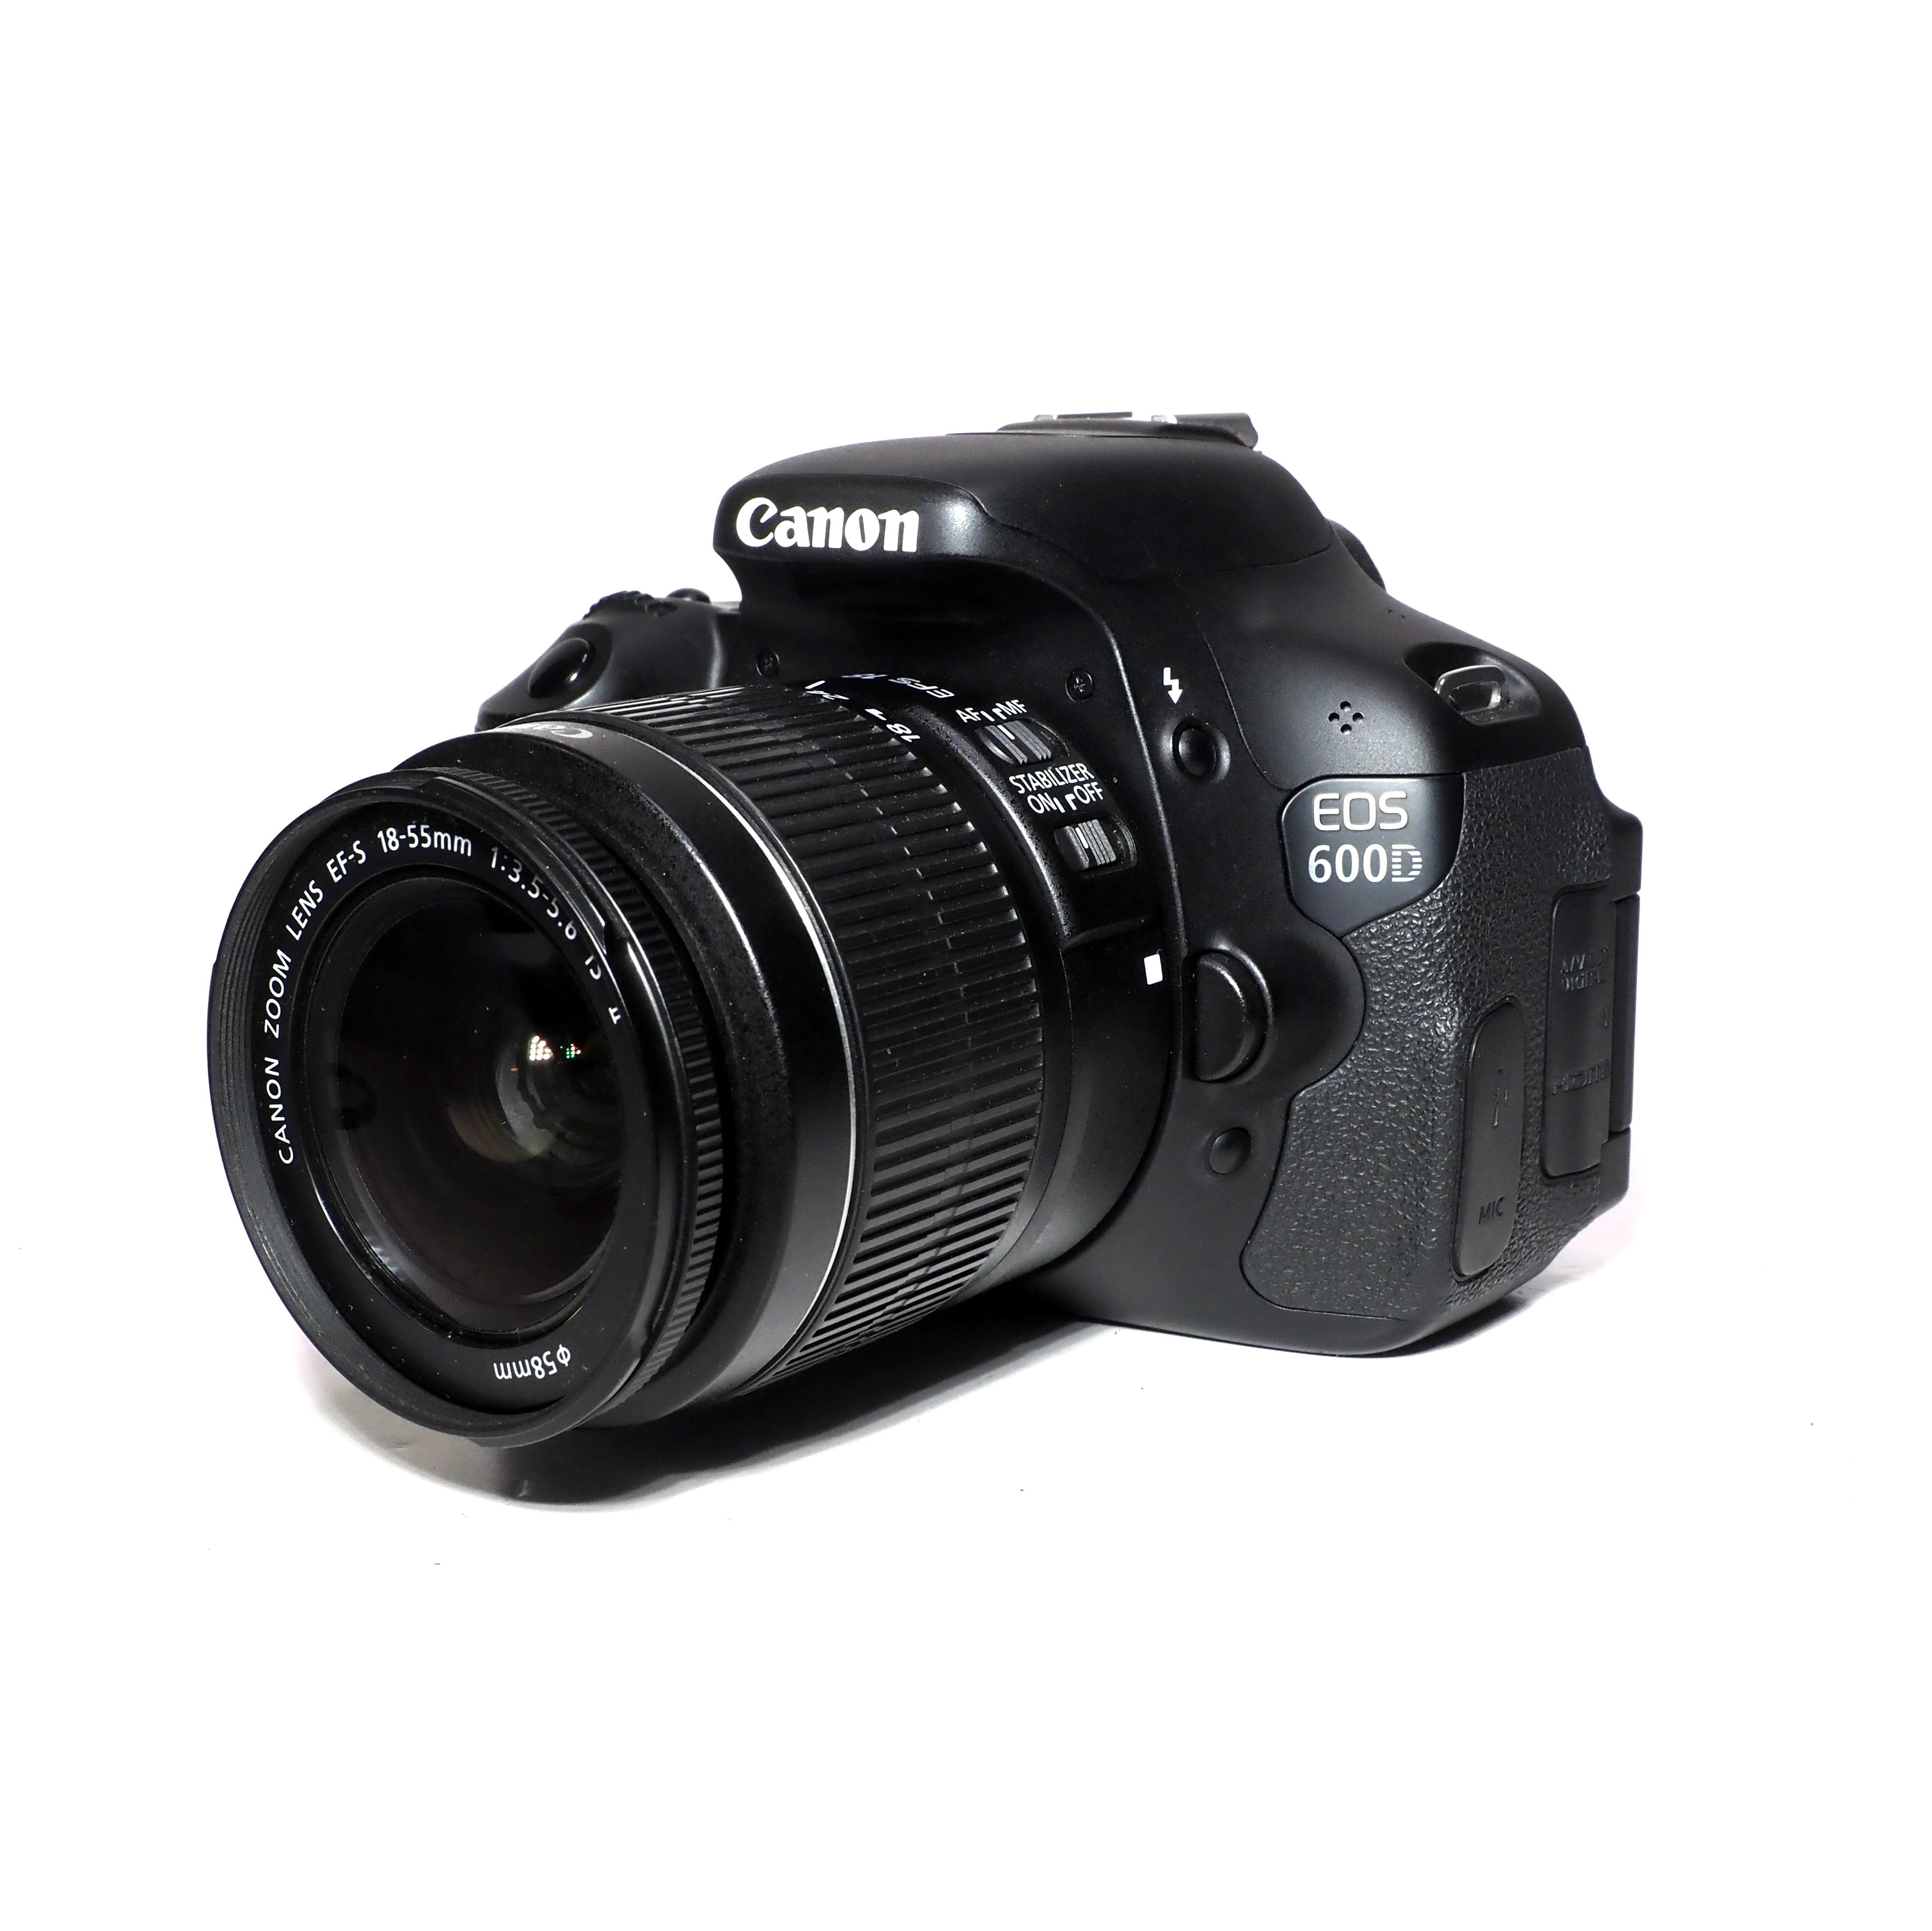 Canon 600D + 18-55mm f/3,5-5,6 IS II - BEGAGNAT